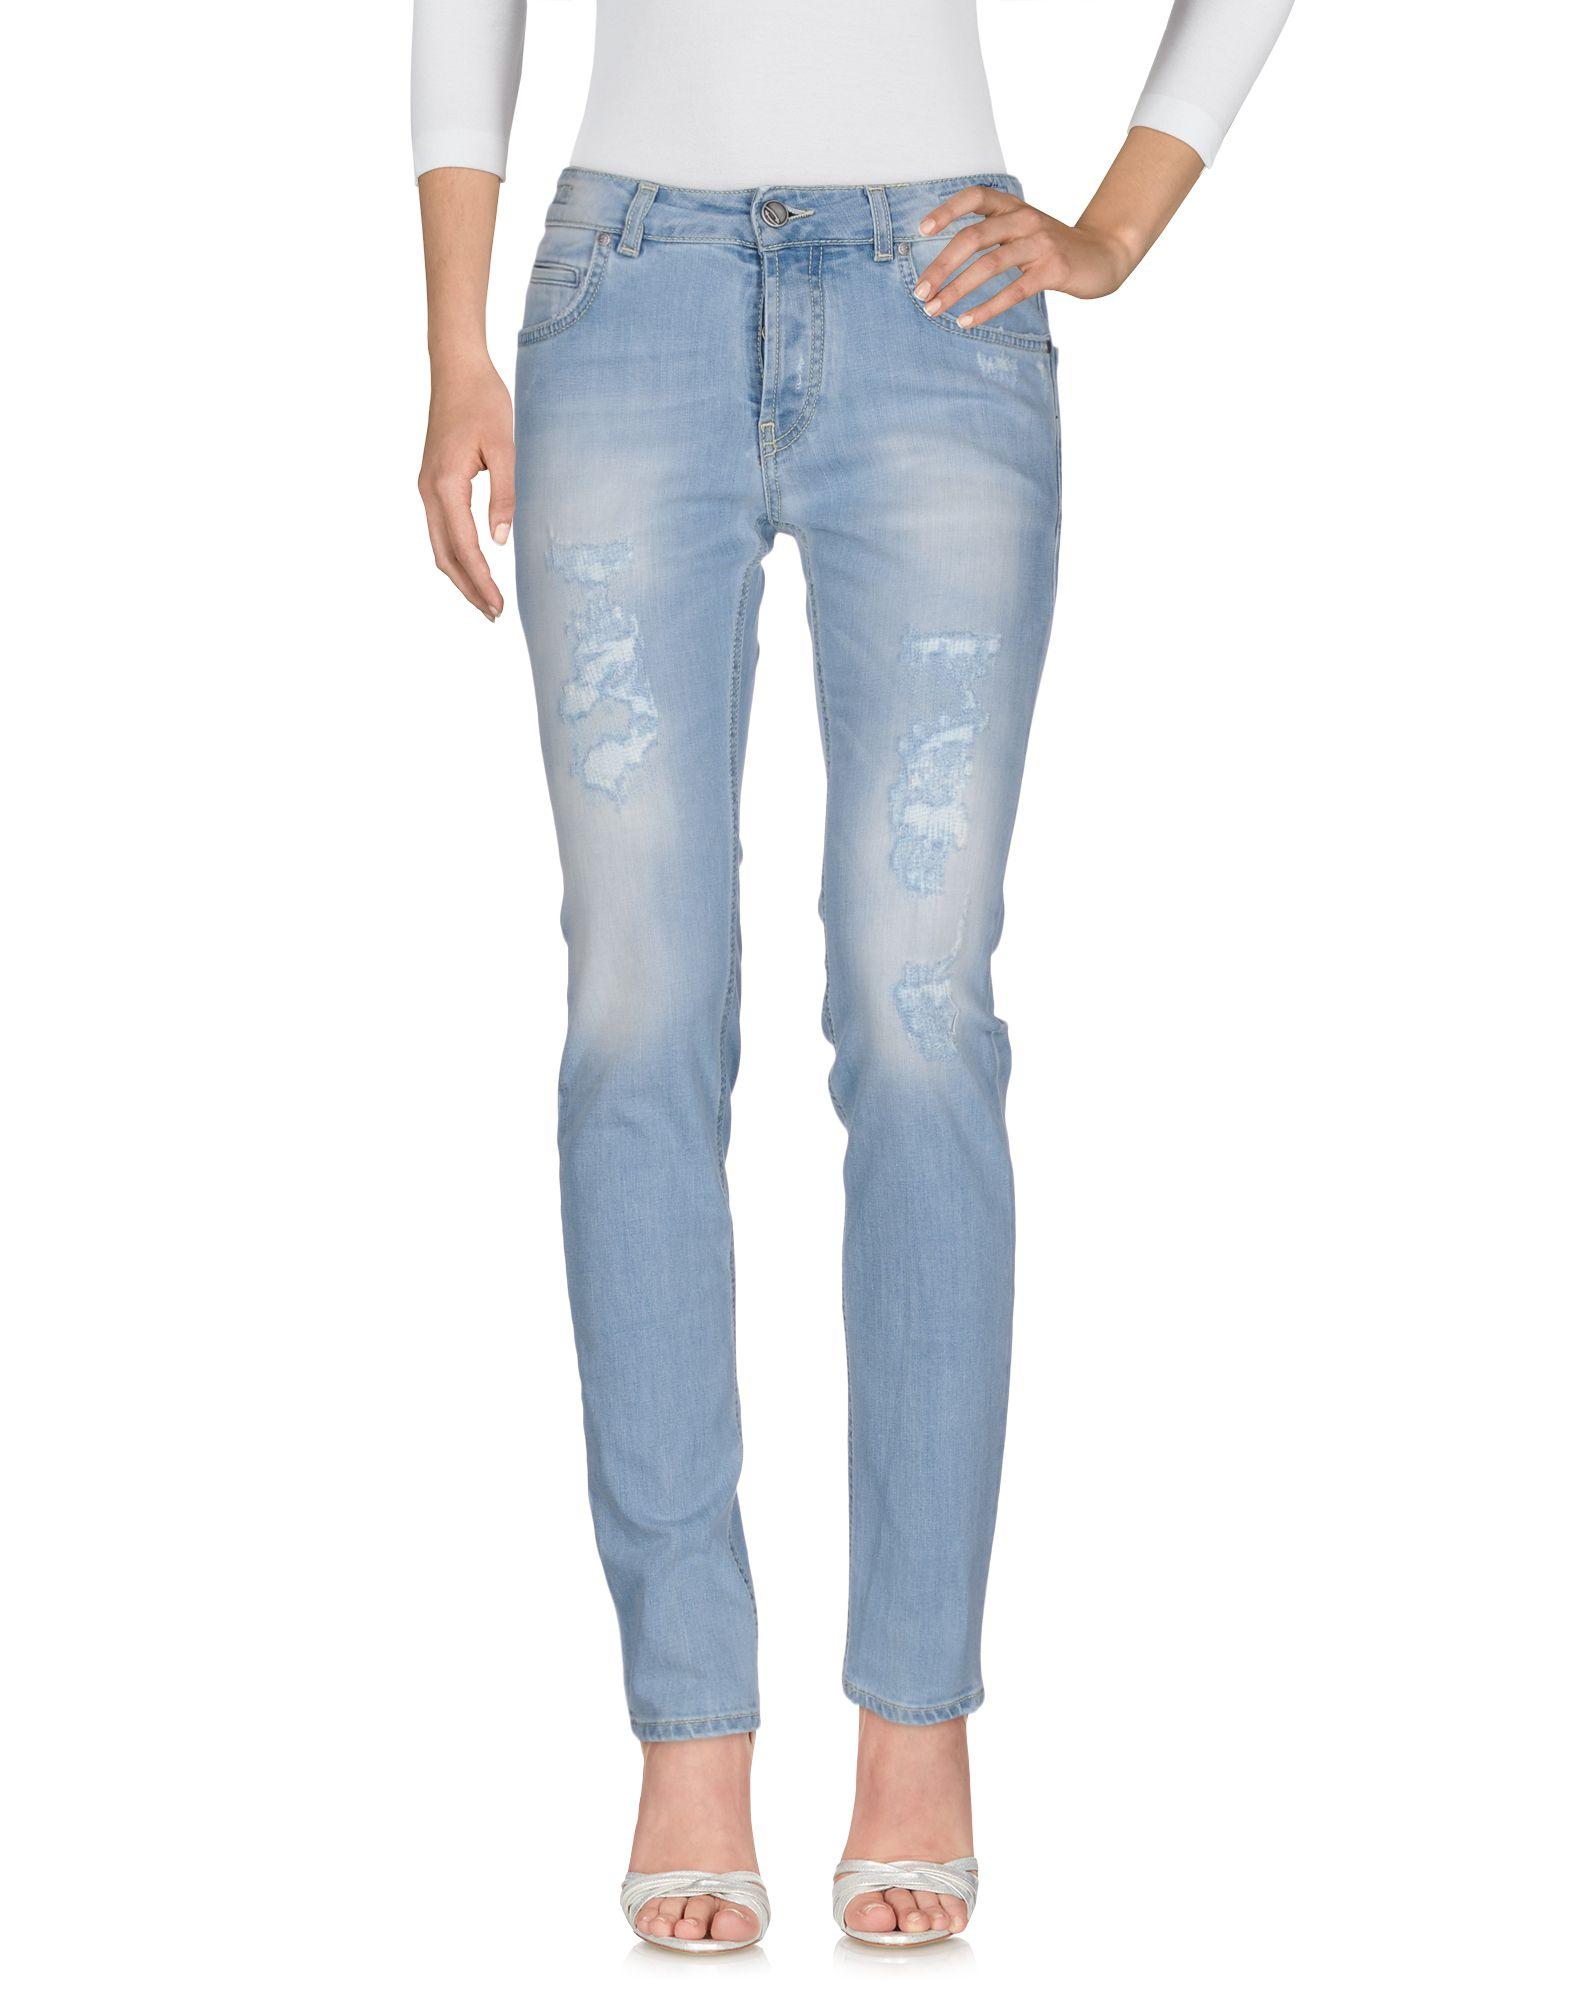 MICHAEL COAL Джинсовые брюки женские брюки лэйт светлый размер 56